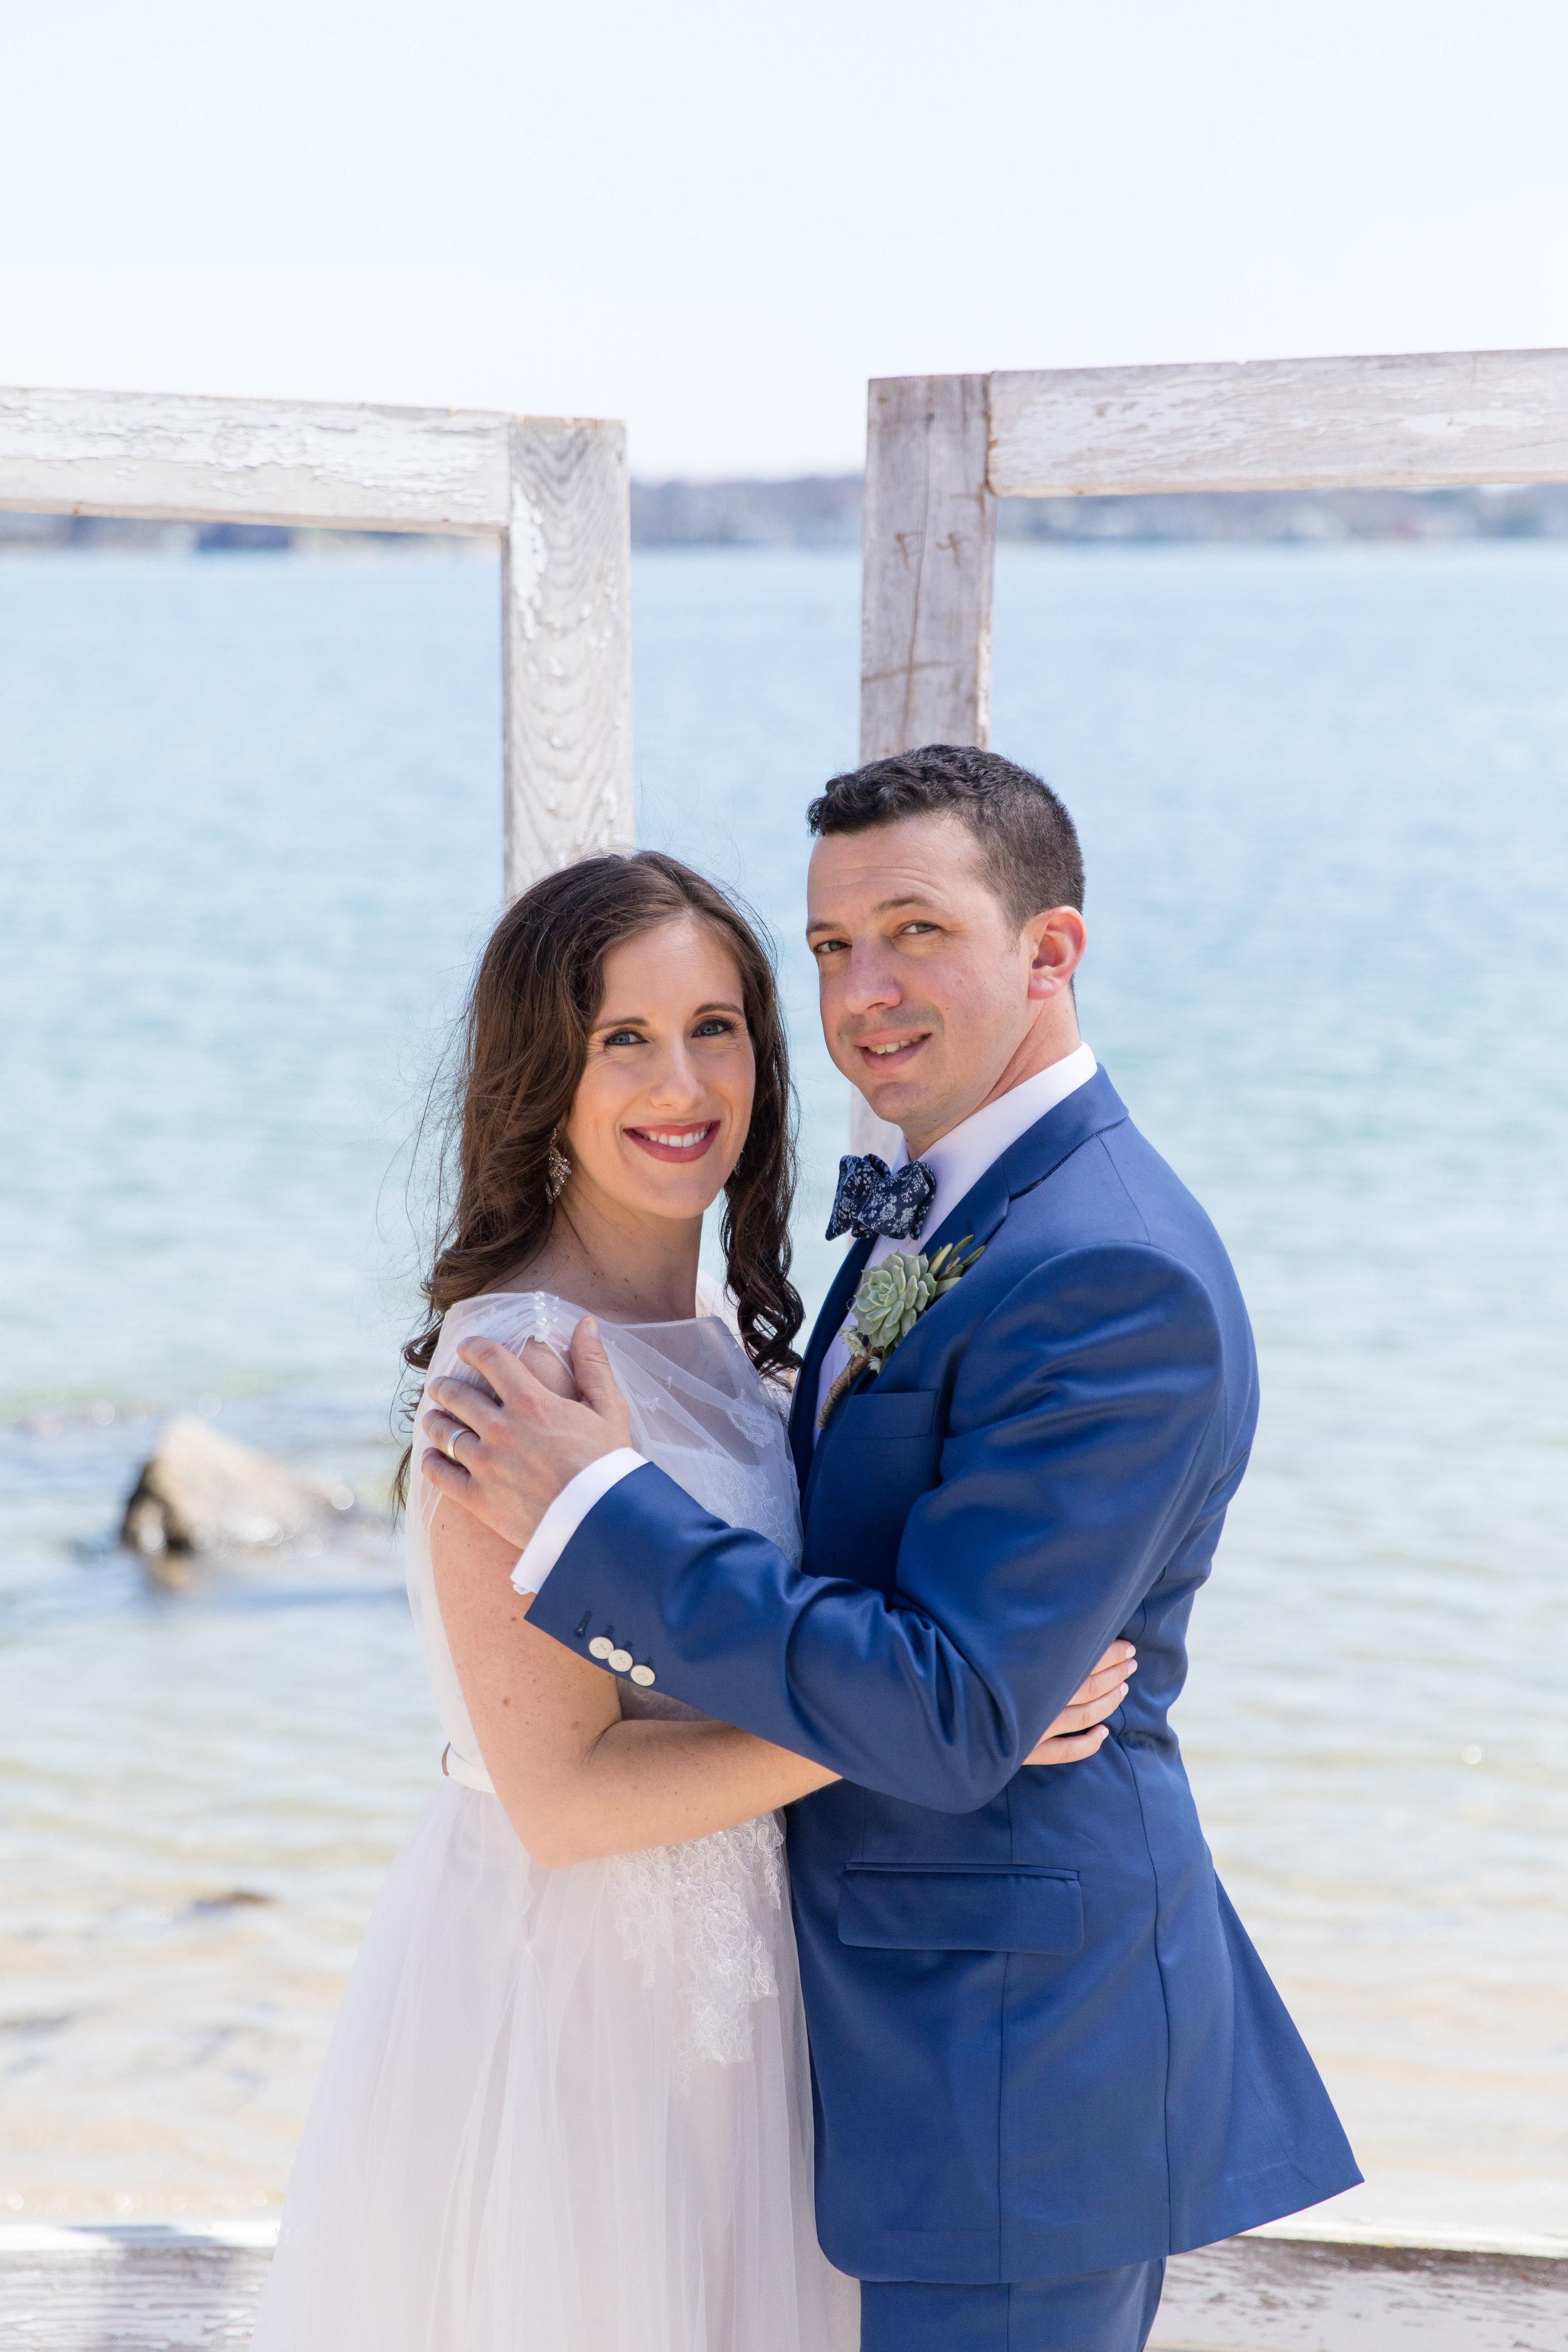 summer beach side wedding affordable custom made wedding gowns under $1000